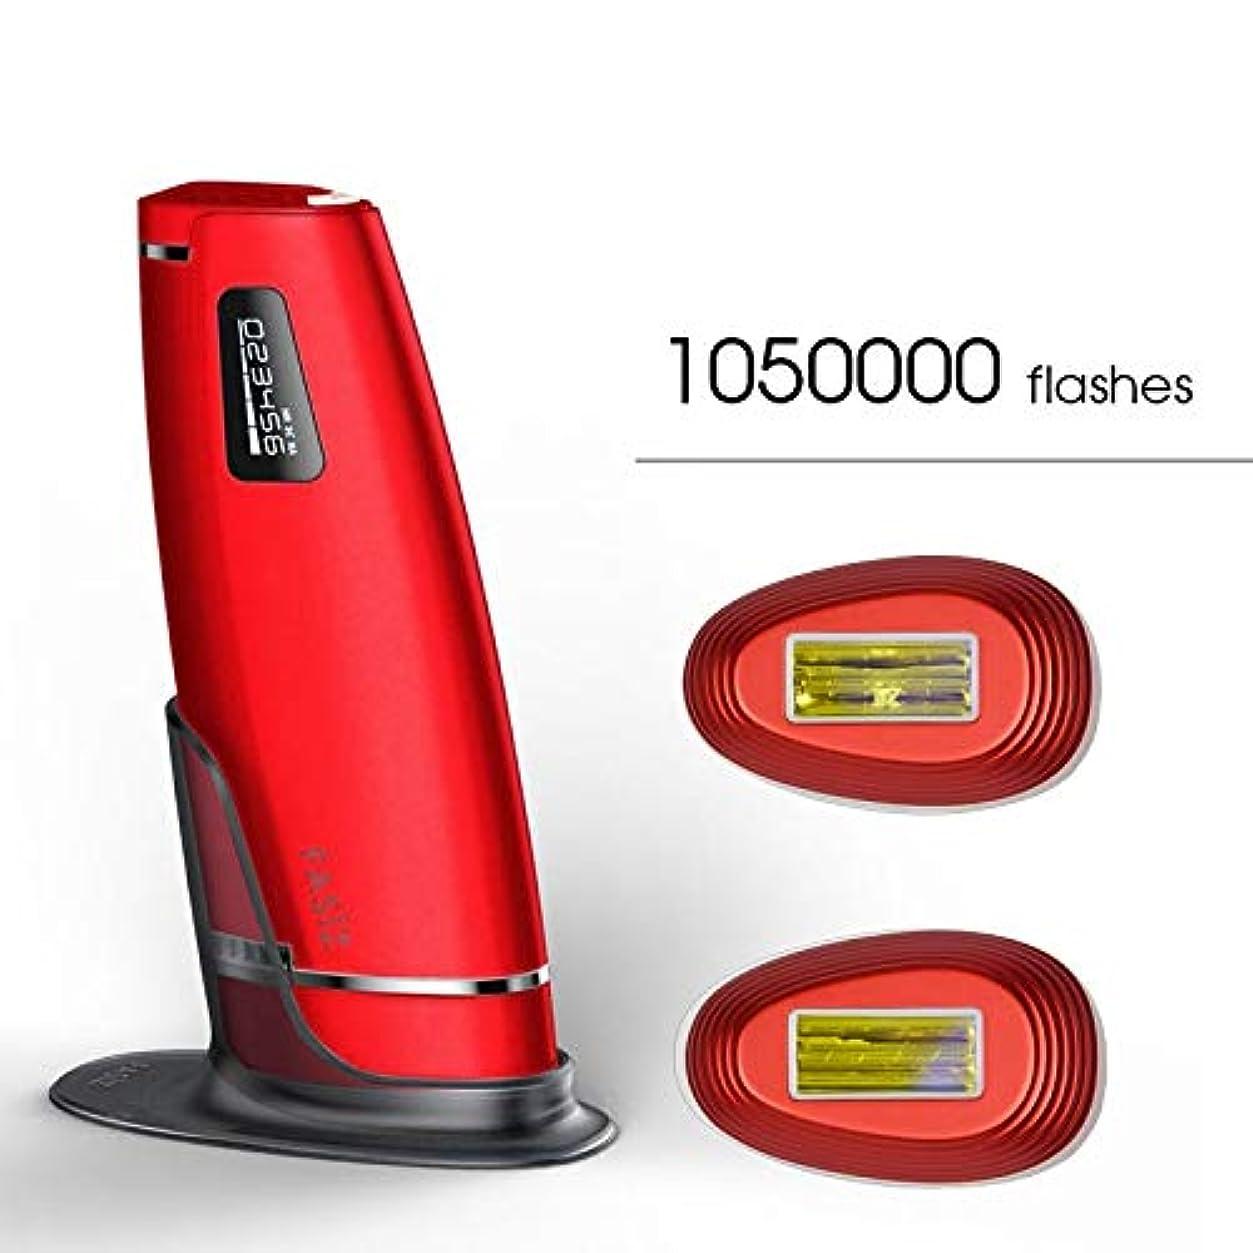 低い戦争効率的FANPING 3in1の1050000pulsed IPLレーザー脱毛デバイス永久脱毛IPLレーザー脱毛器脇脱毛機 (Color : 赤)